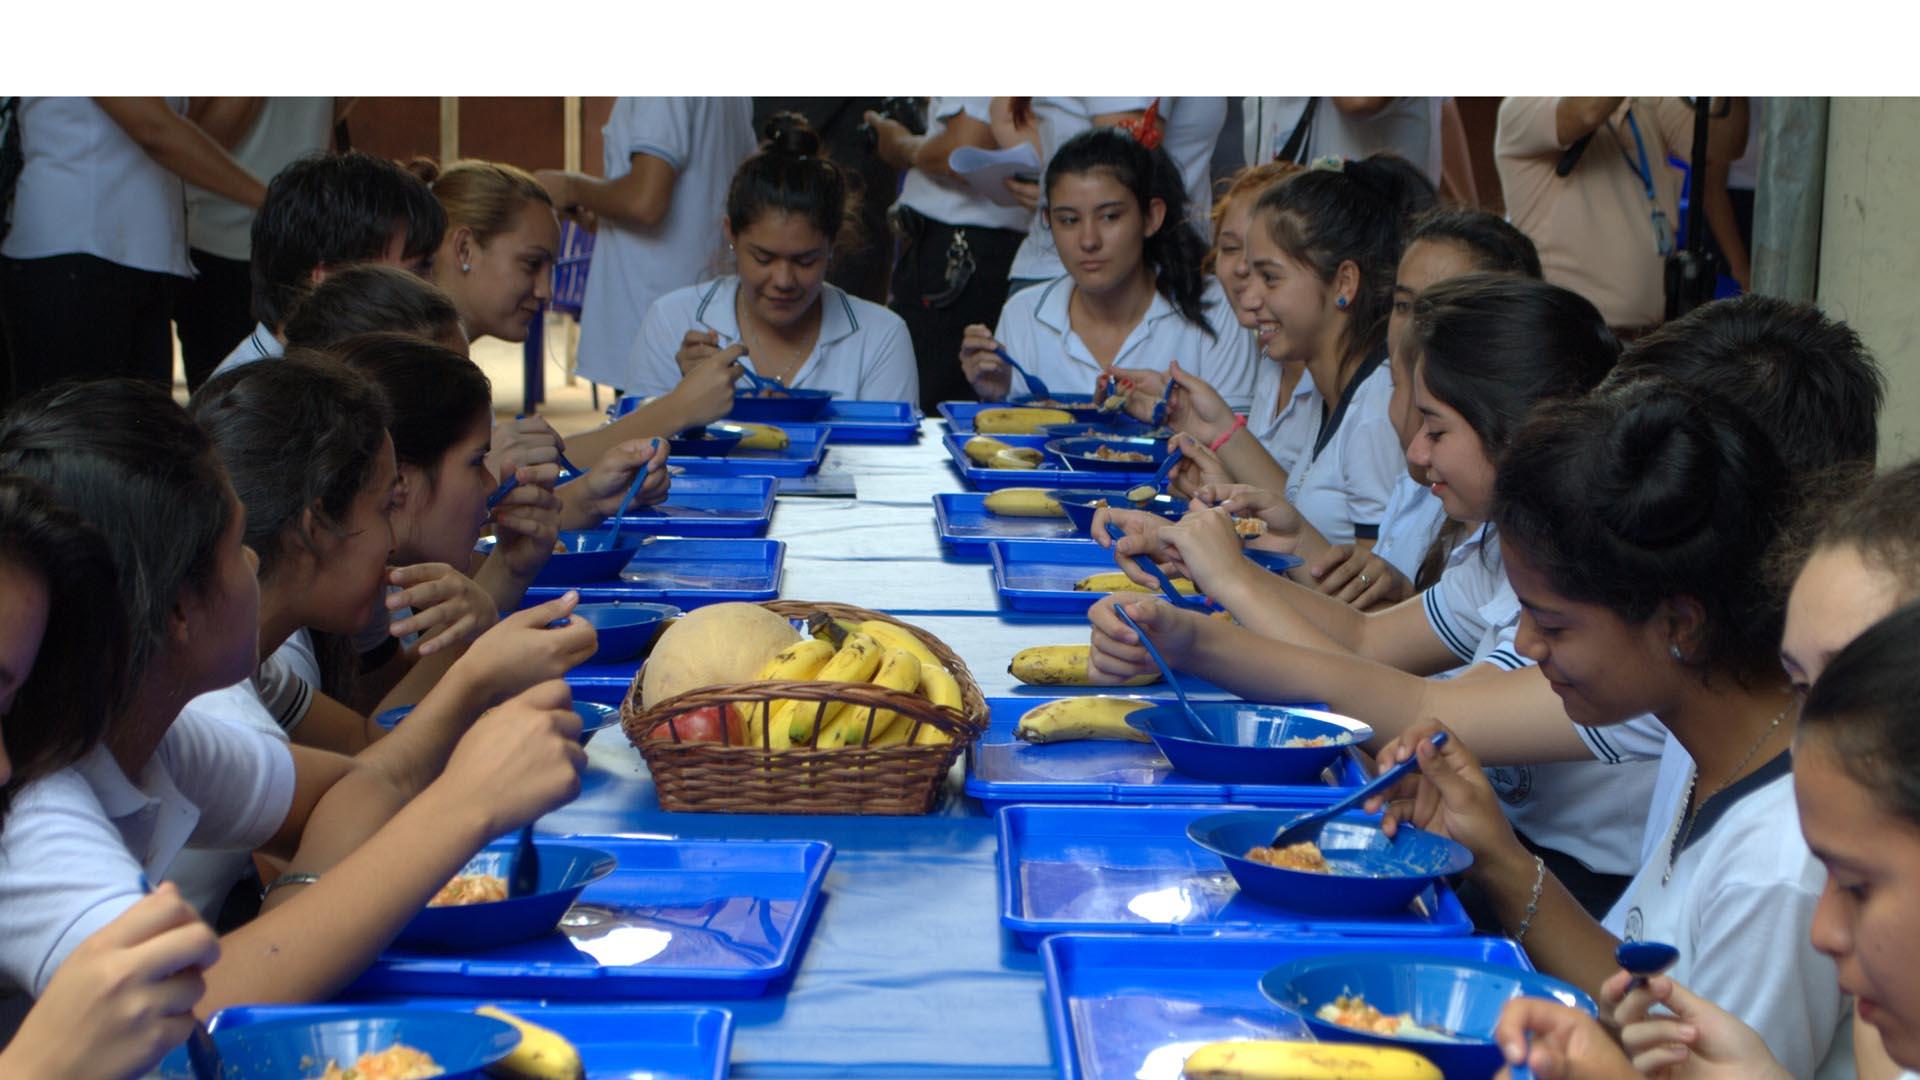 El país centroamericano aprobó la Ley de Alimentación Escolar para garantizar acceso comidas sanas y nutritivas